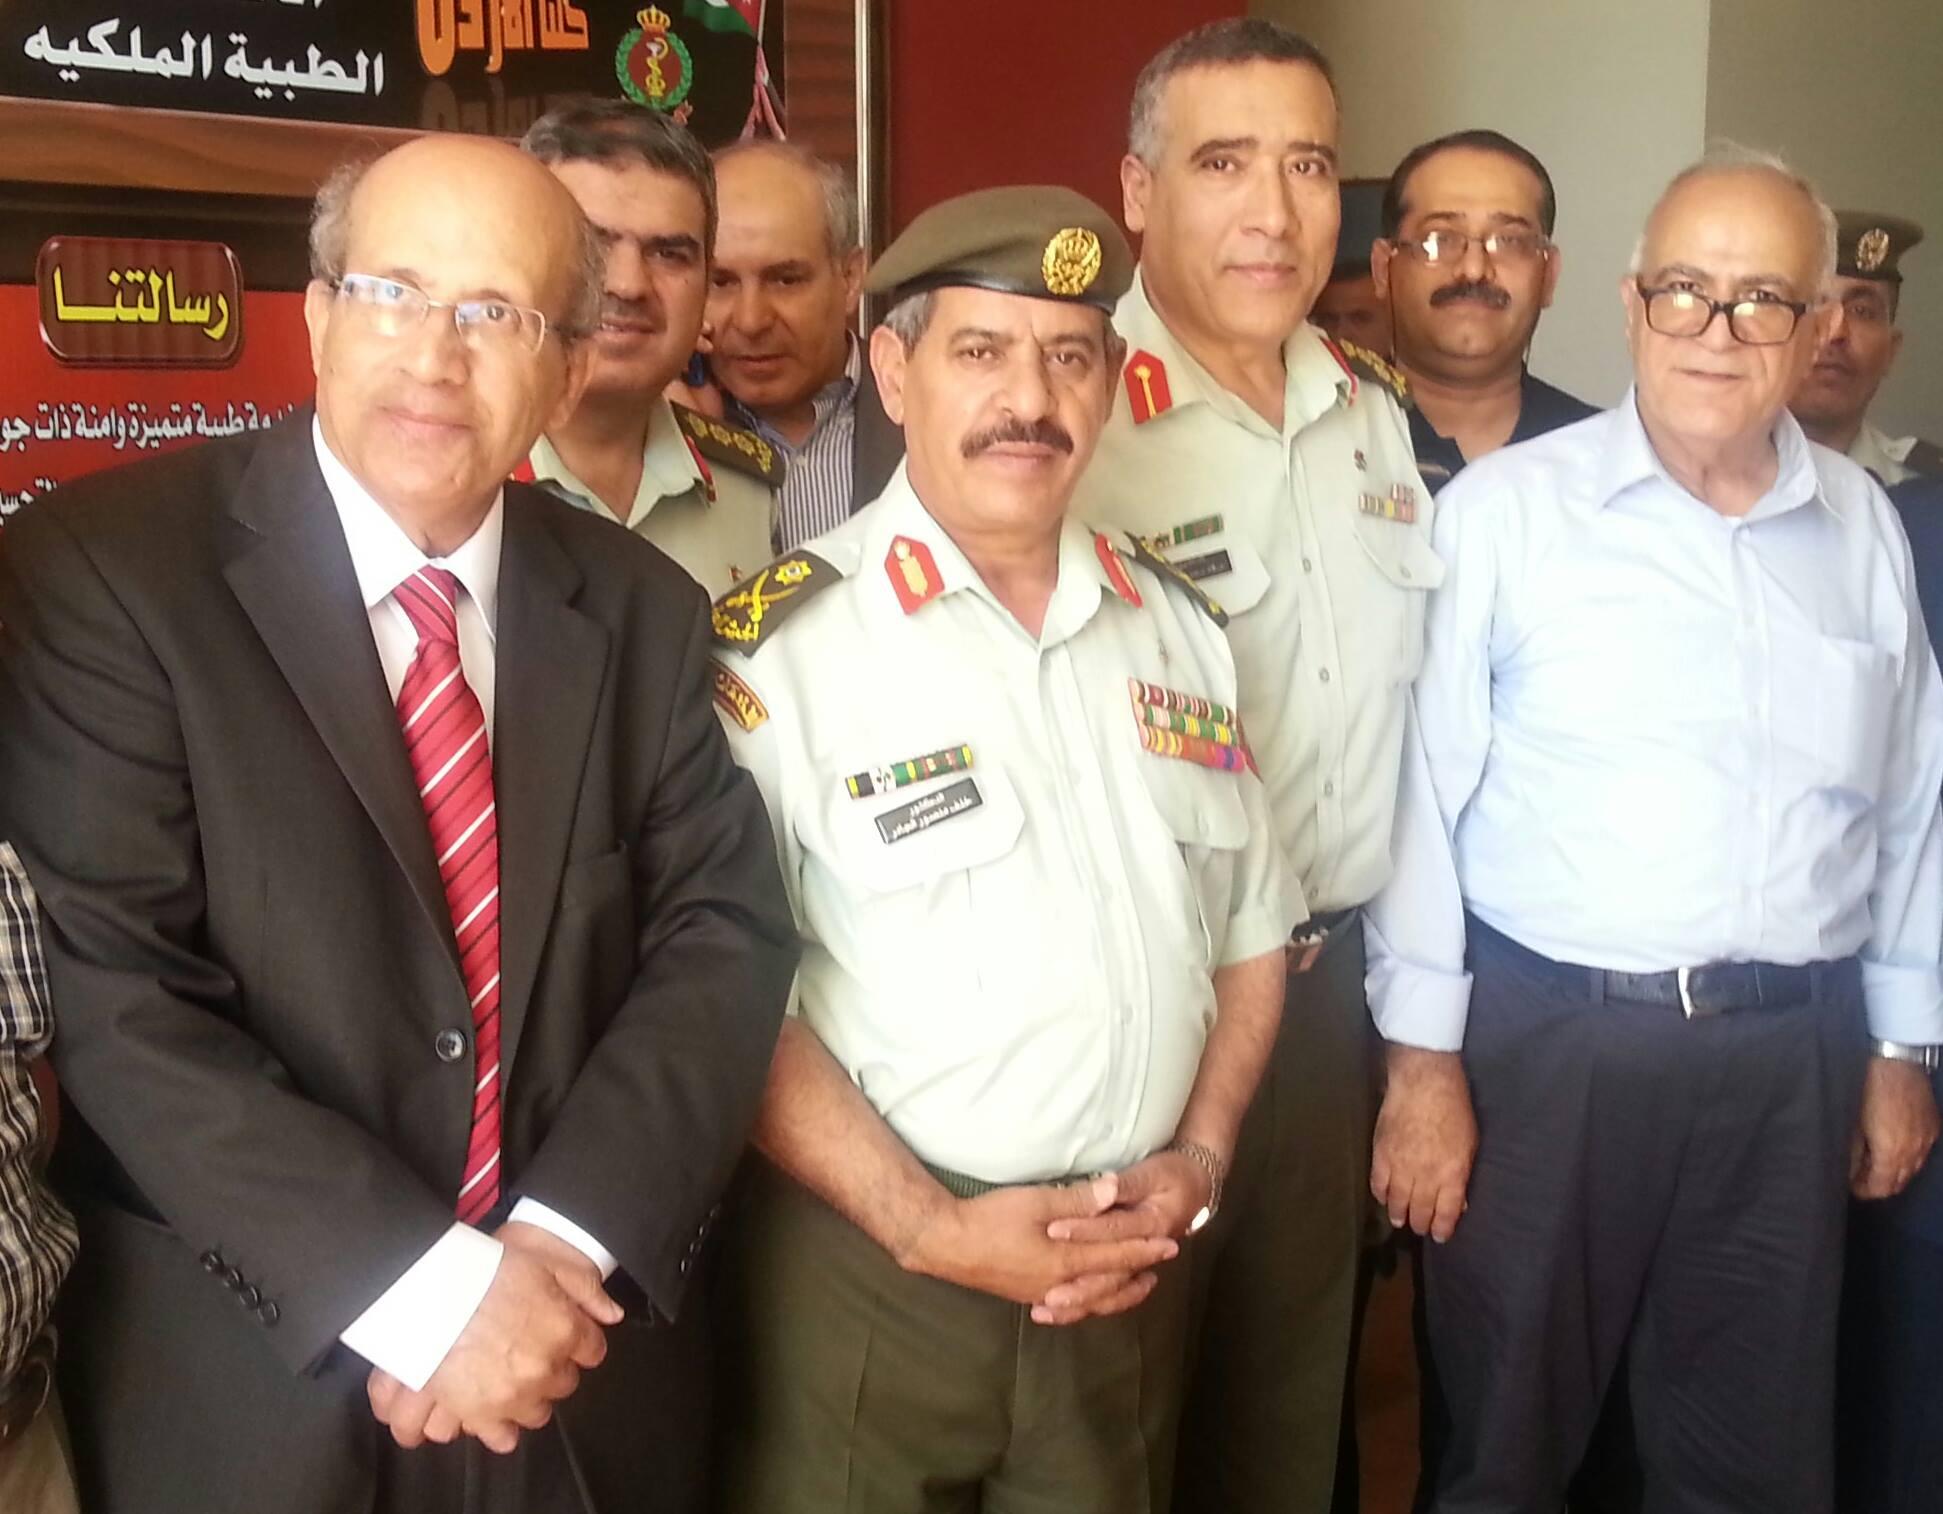 زياره مدينة الحسين الطبية : للإطمئنان على  وضع  جرحى العدوان الصهيوني على غزه   صباح يوم الأربعاء 30–7–2014